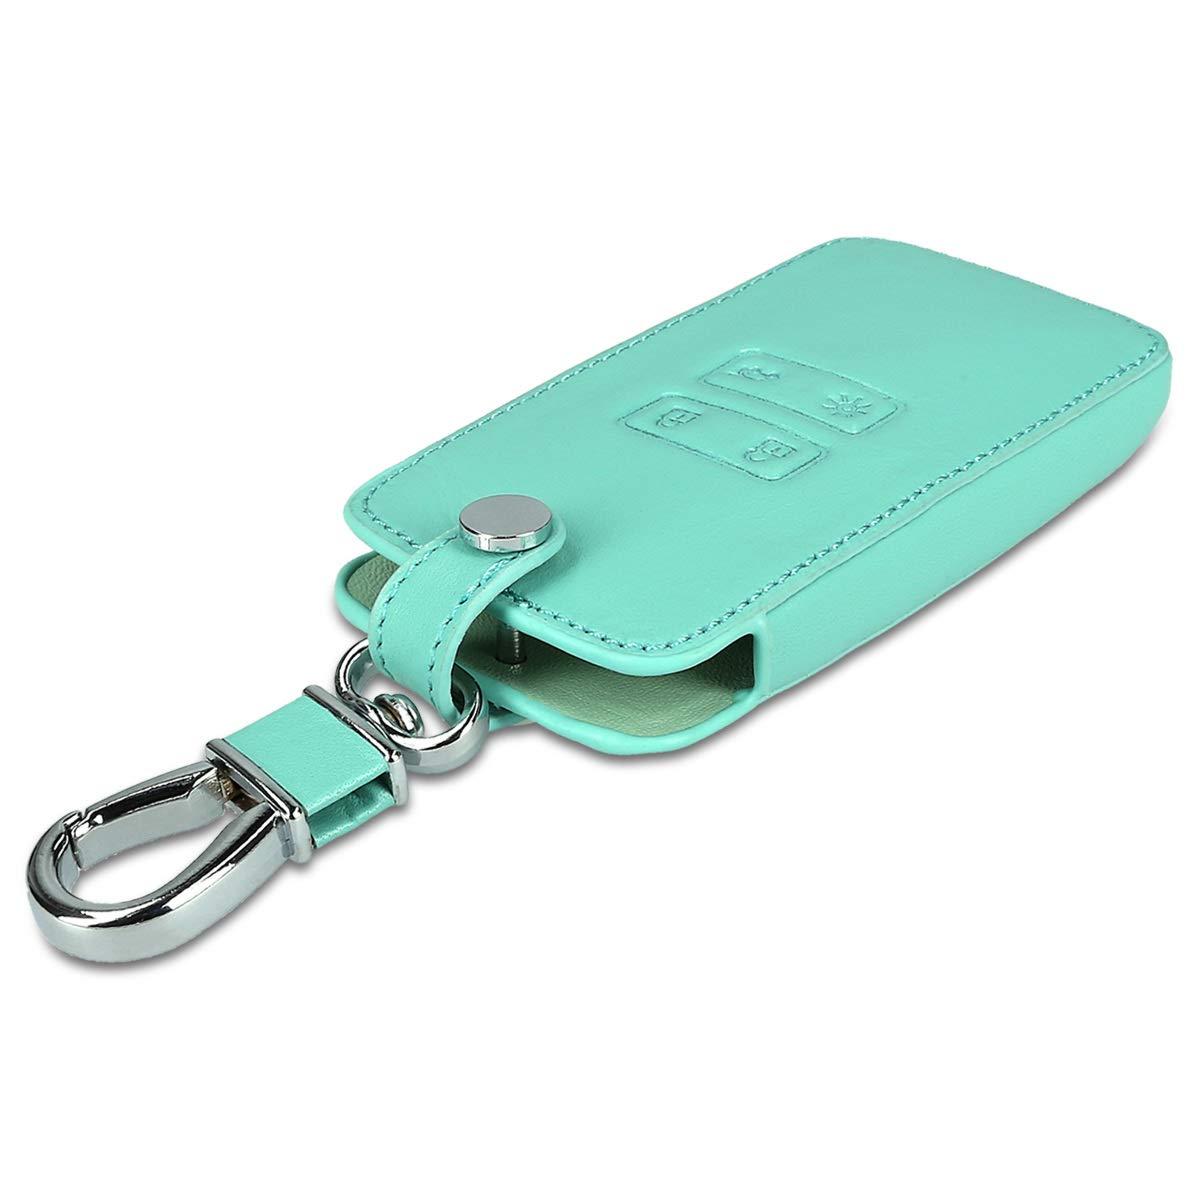 Cuero sint/ético kwmobile Funda para Llave Smart Key de 4 Botones para Coche Renault Solamente Keyless Go - Case para Mando y Control de Auto con dise/ño de Rally - Cubierta de